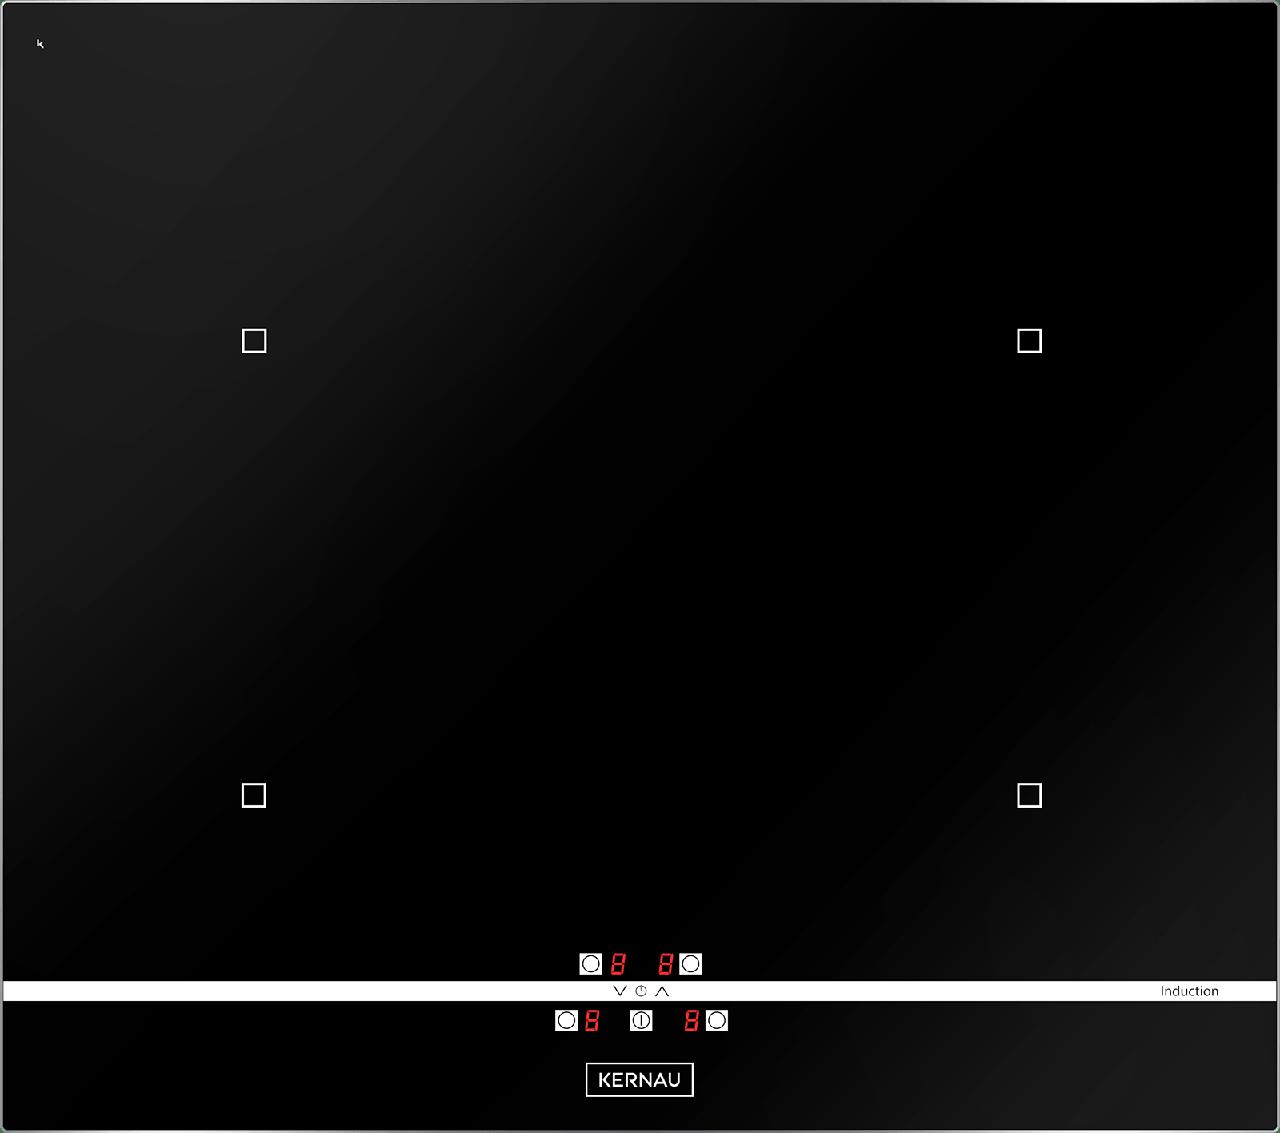 Варочная поверхность индукционная Kernau KIH 64.1